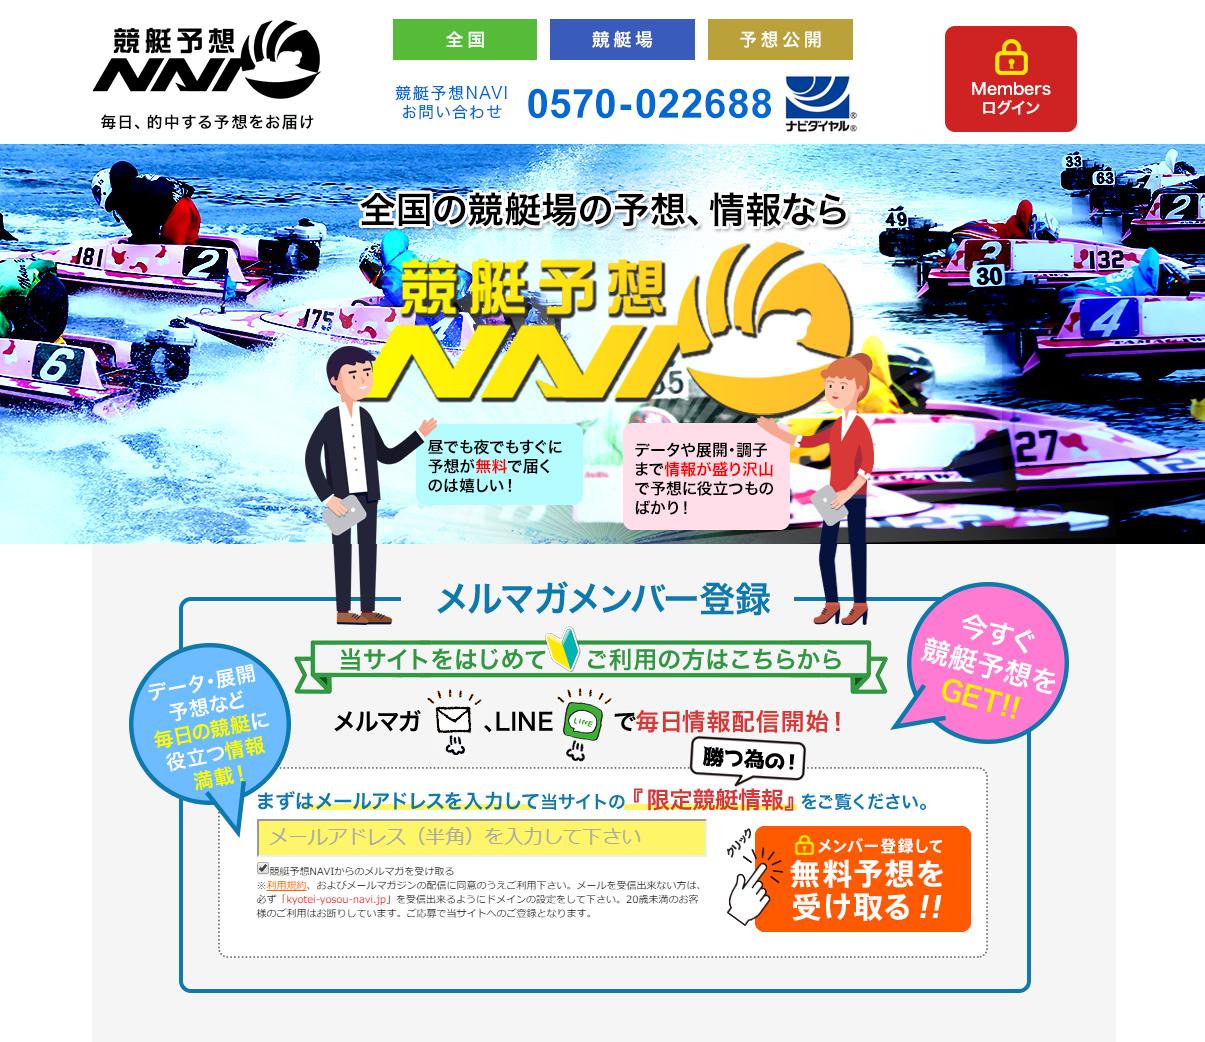 悪徳・悪質競艇(ボートレース)予想サイト 競艇予想NAVI